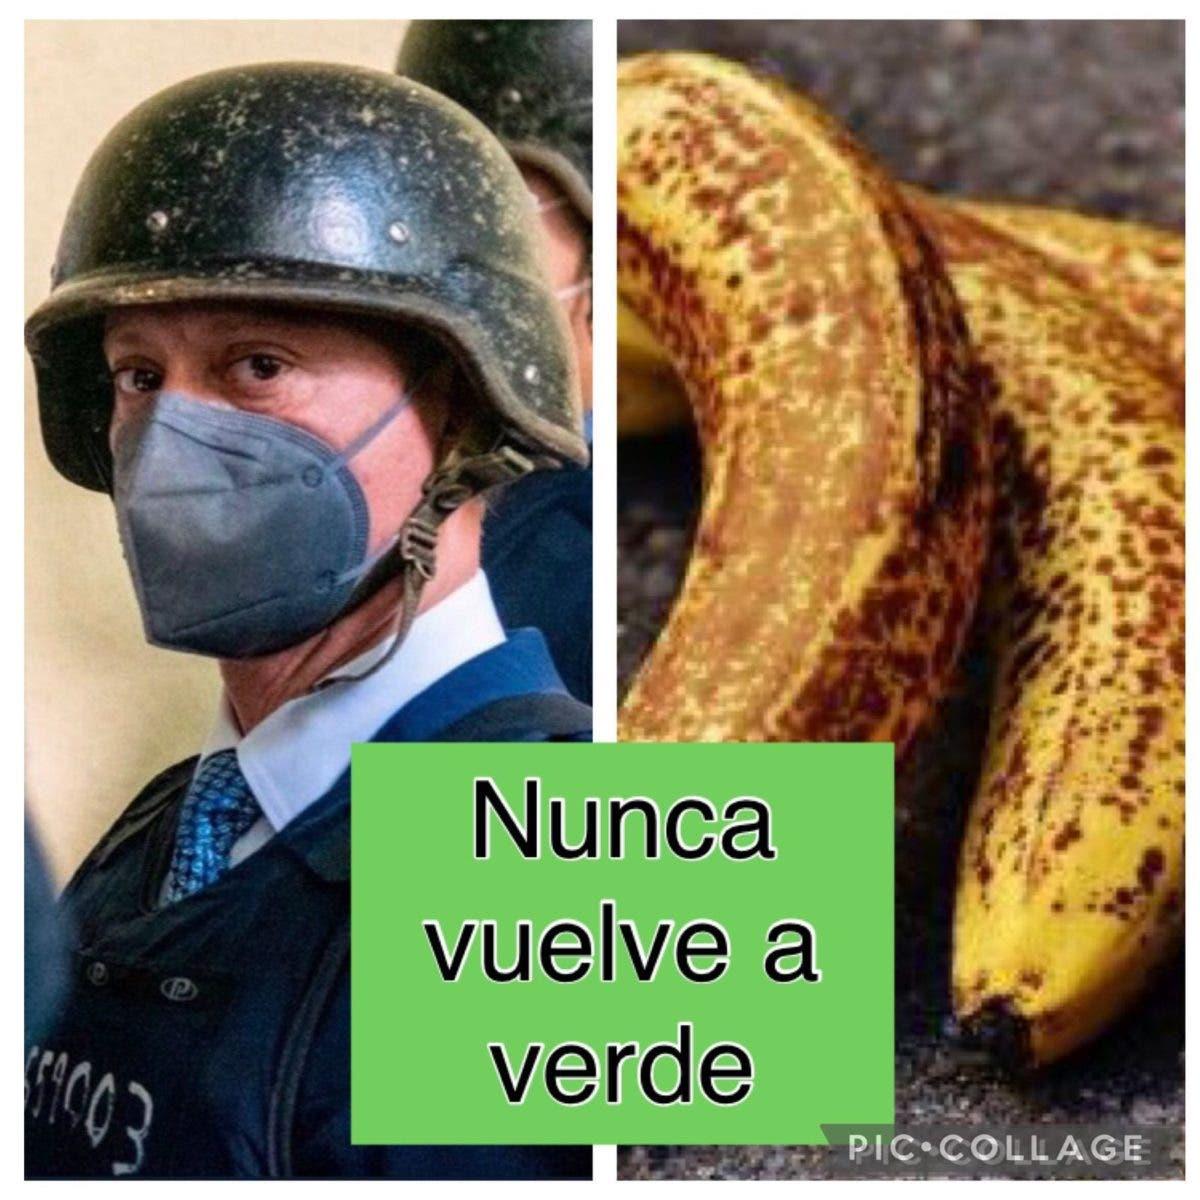 Memes por los plátanos de Jean Alain saturan las redes sociales